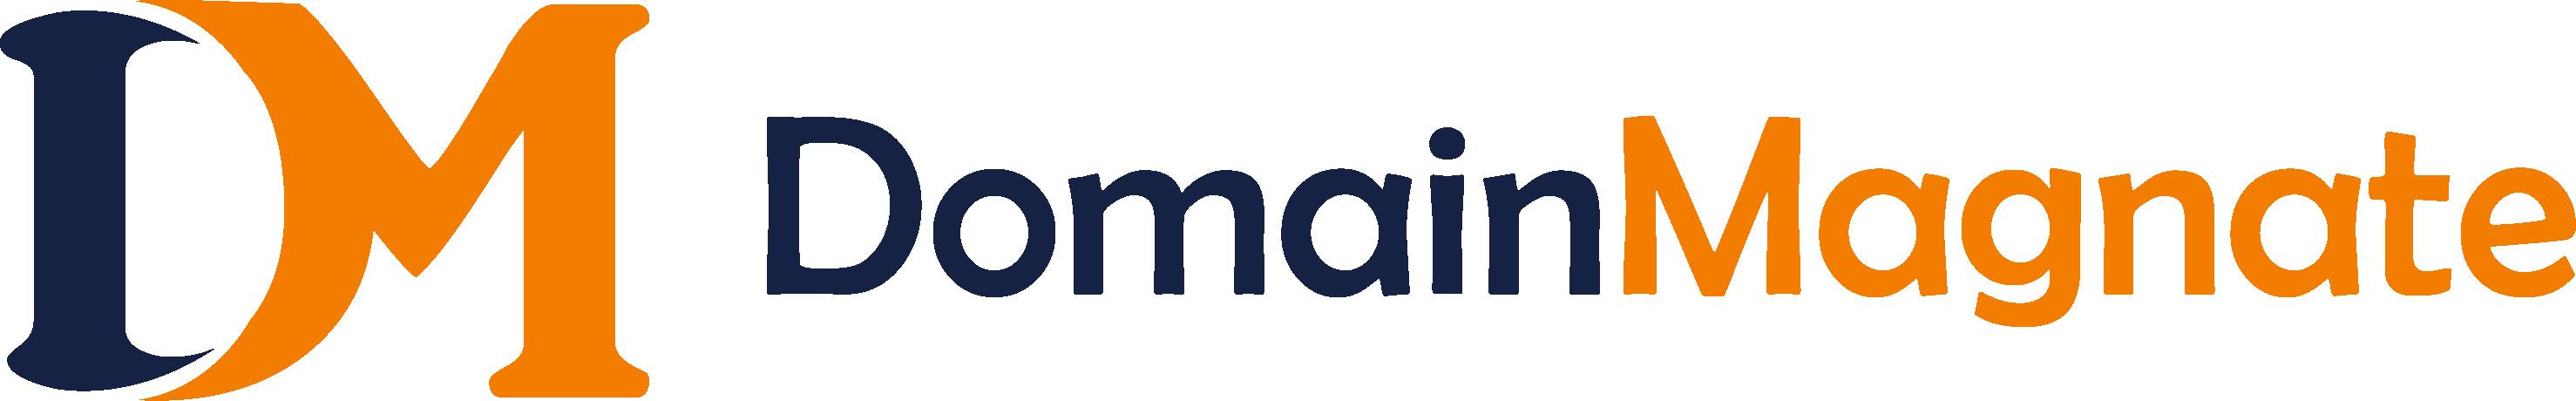 Domain Magnate